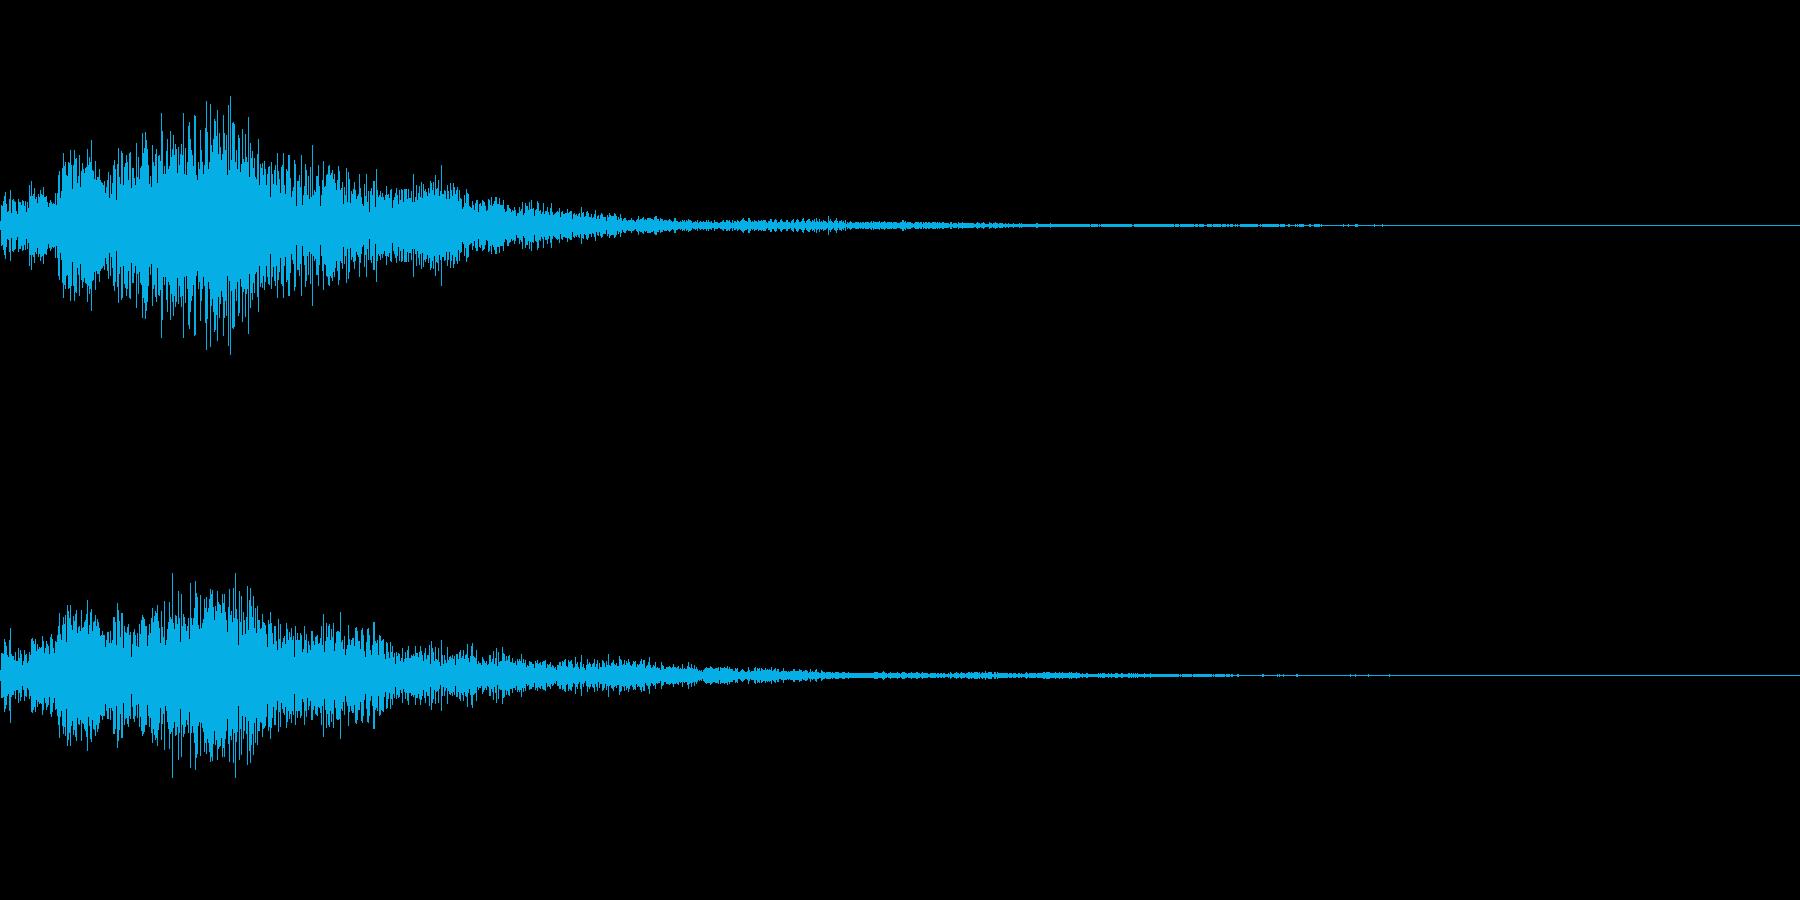 魔法系のサウンドの再生済みの波形